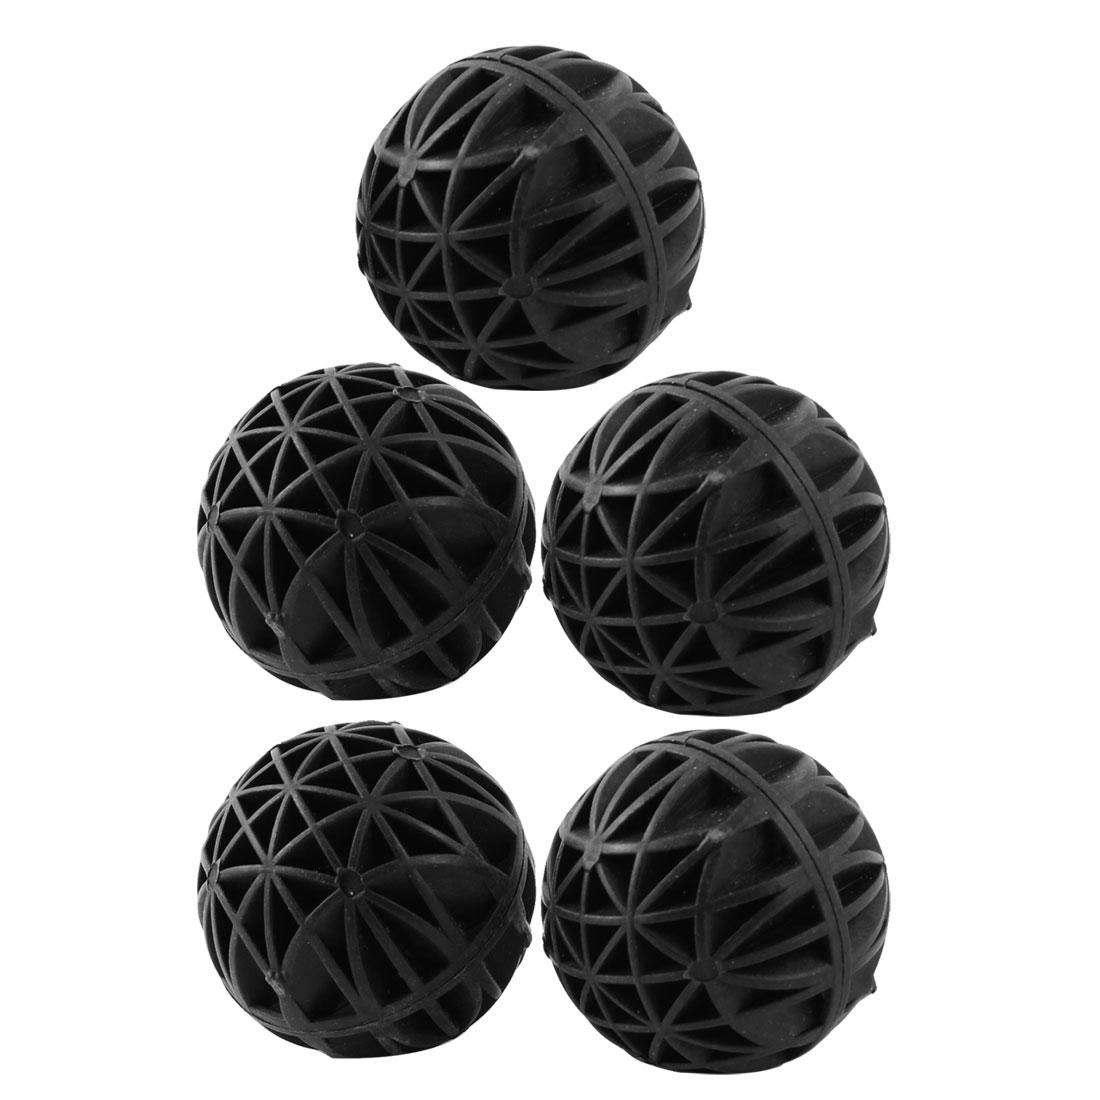 5 Pcs 36mm Bio Balls Filter Media Sponge Inner Black for Fish Tank Koi Pond